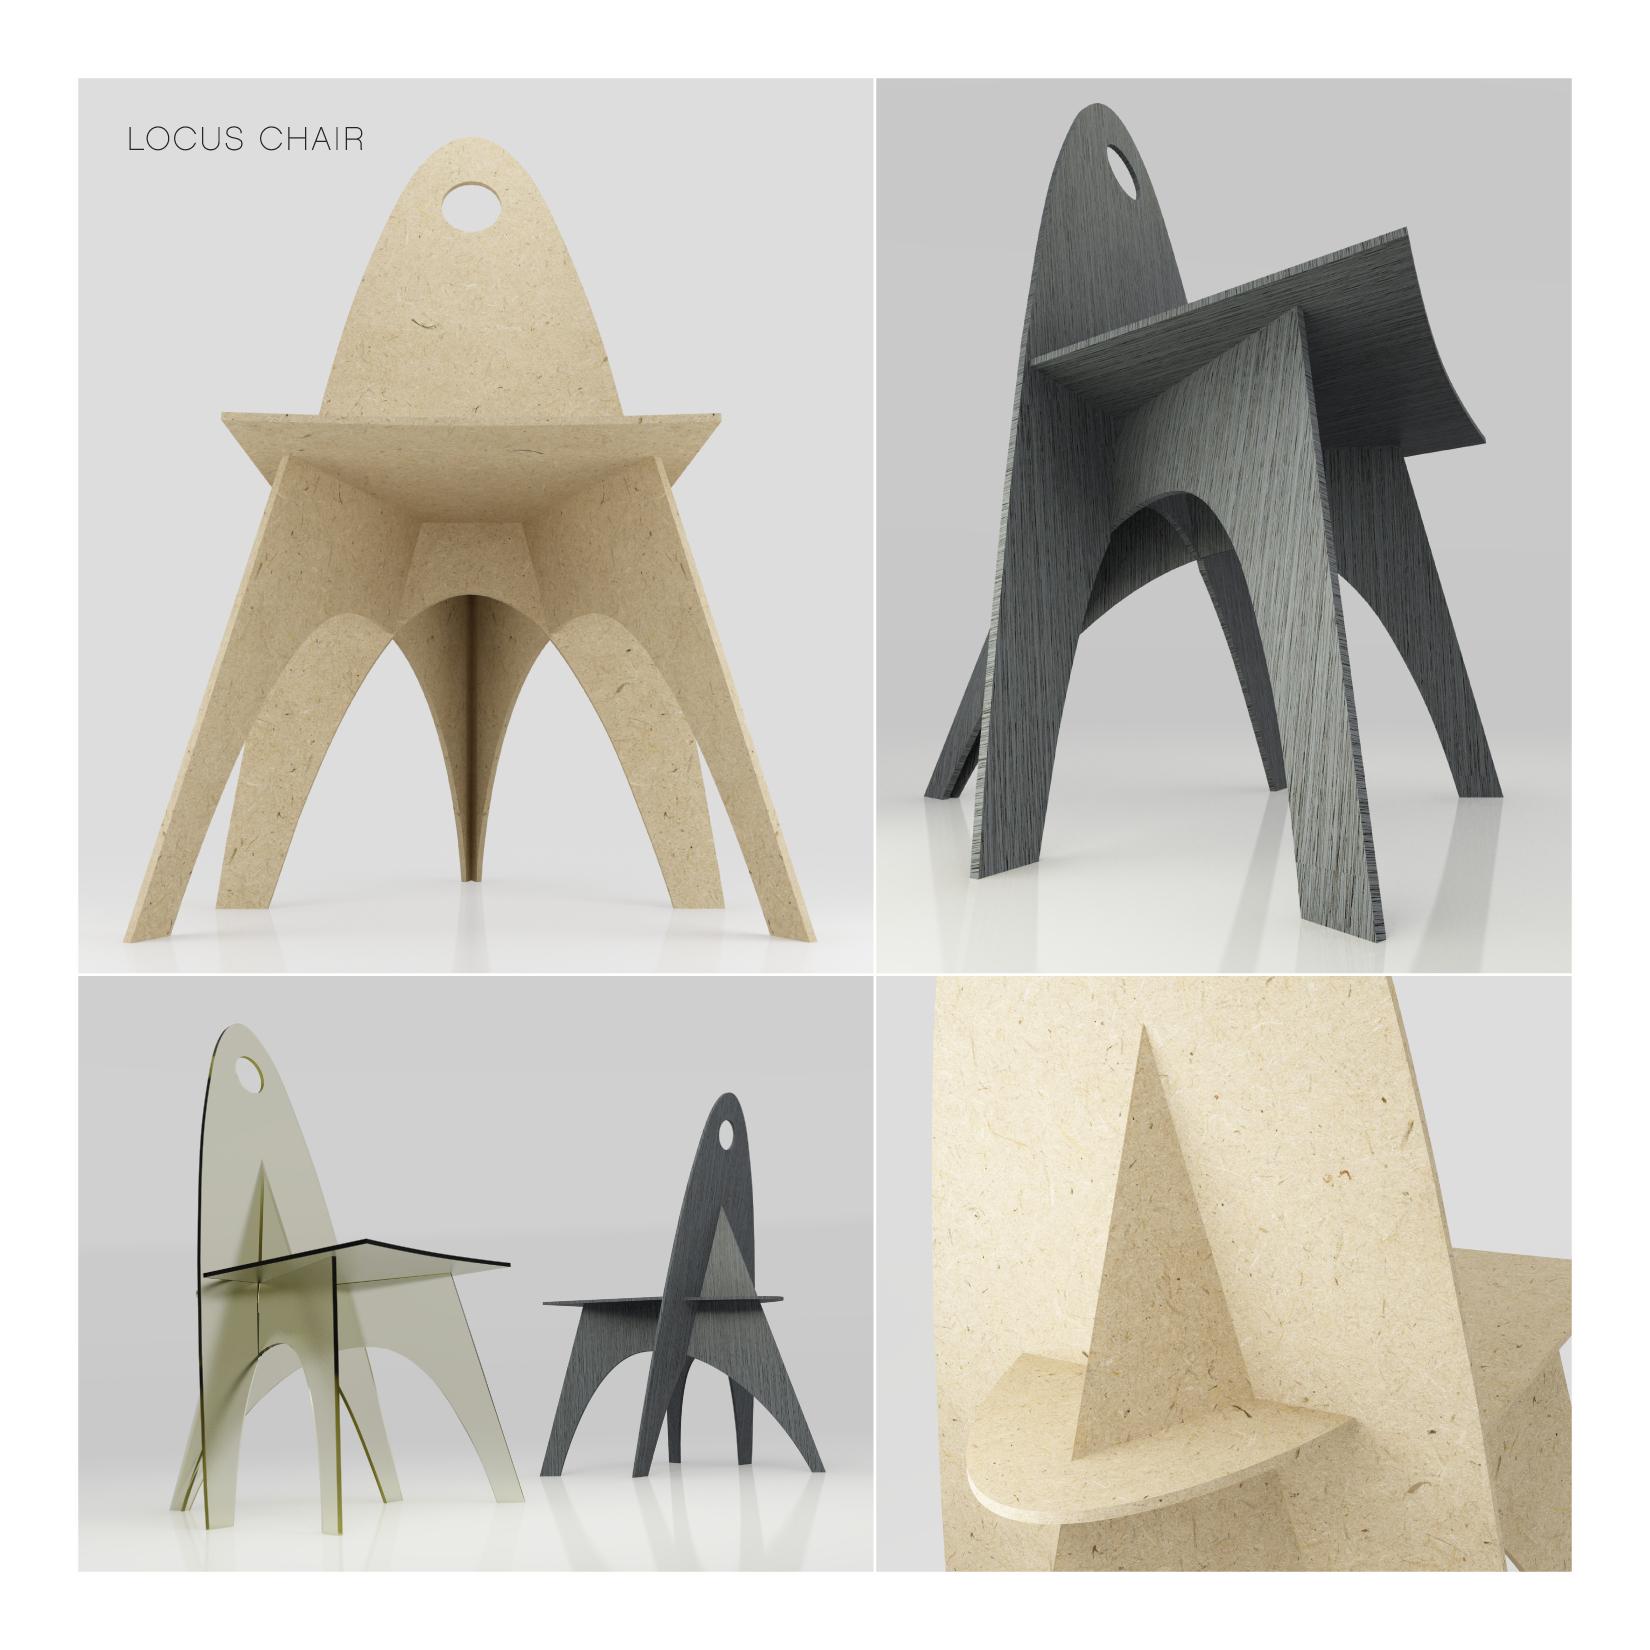 Locus Chair Design